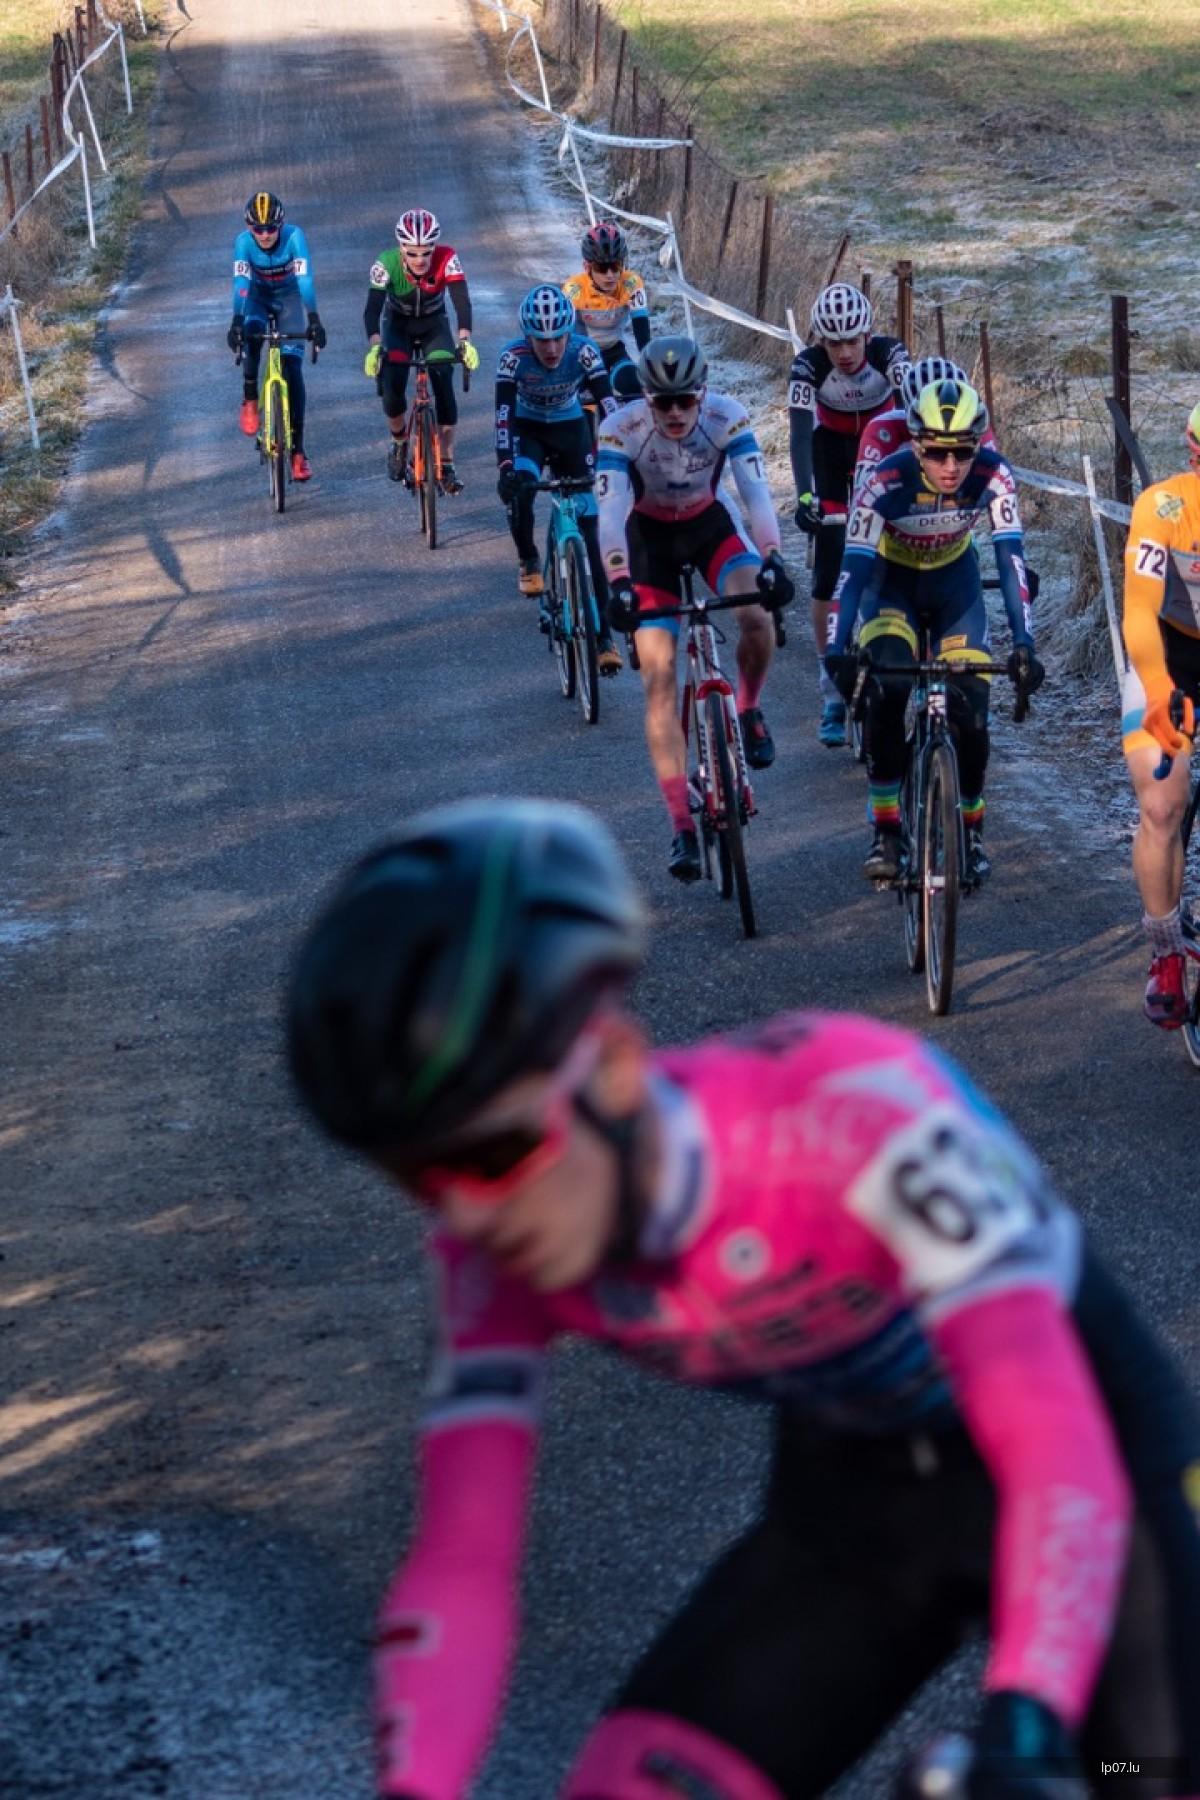 Sonnegen Aufschloss von der Cyclocross-Saison zu Leideleng